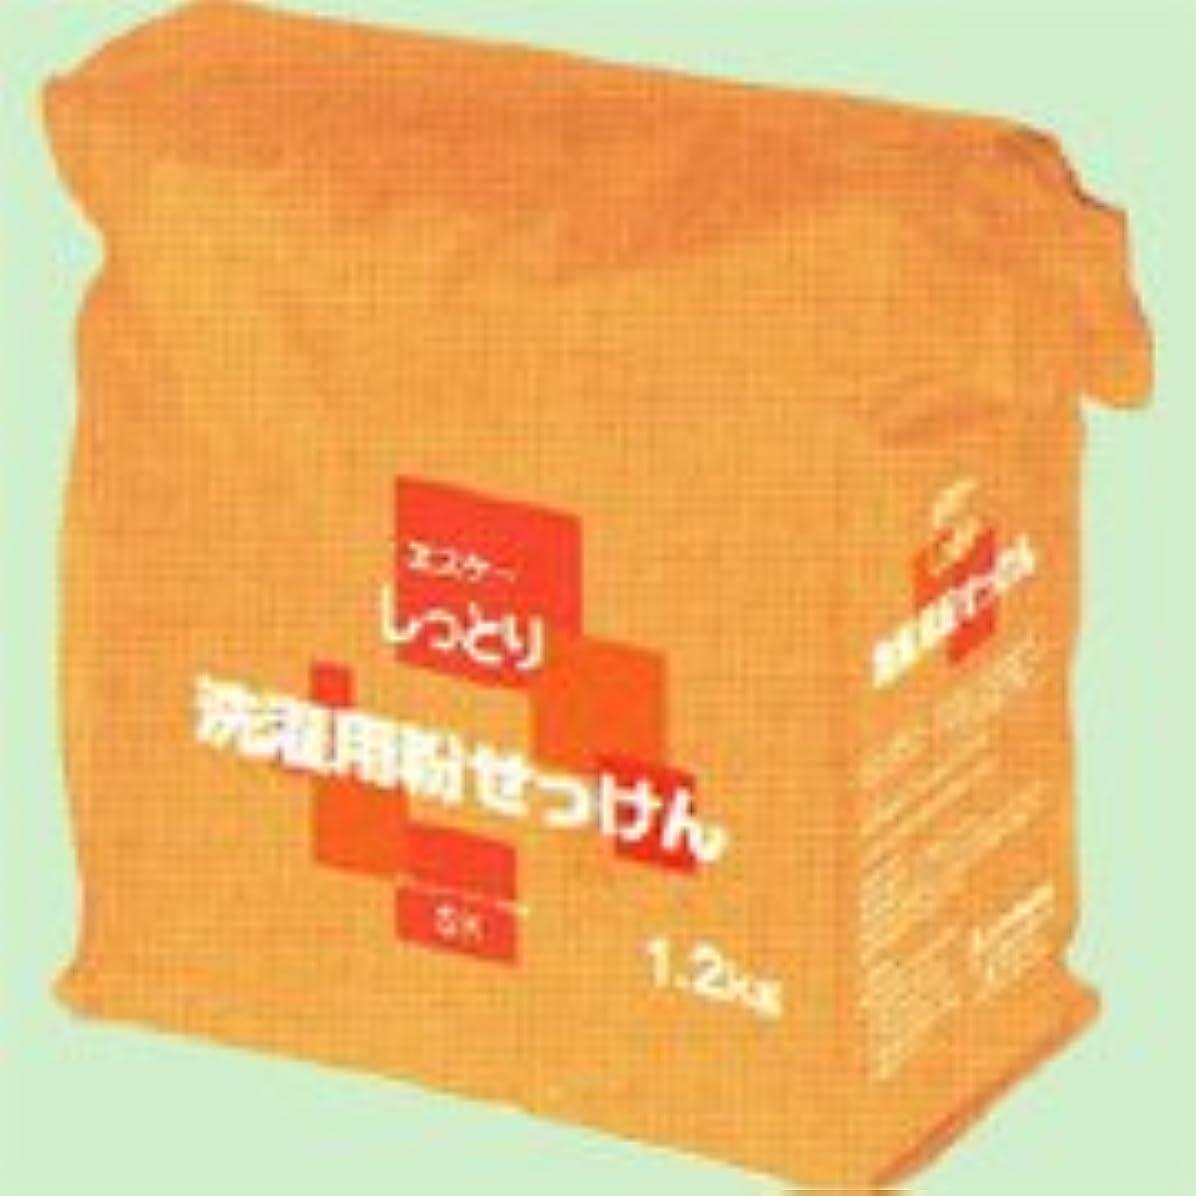 スリーブなめらかチップしっとり洗濯用粉せっけん詰替用 1.2kg   エスケー石鹸